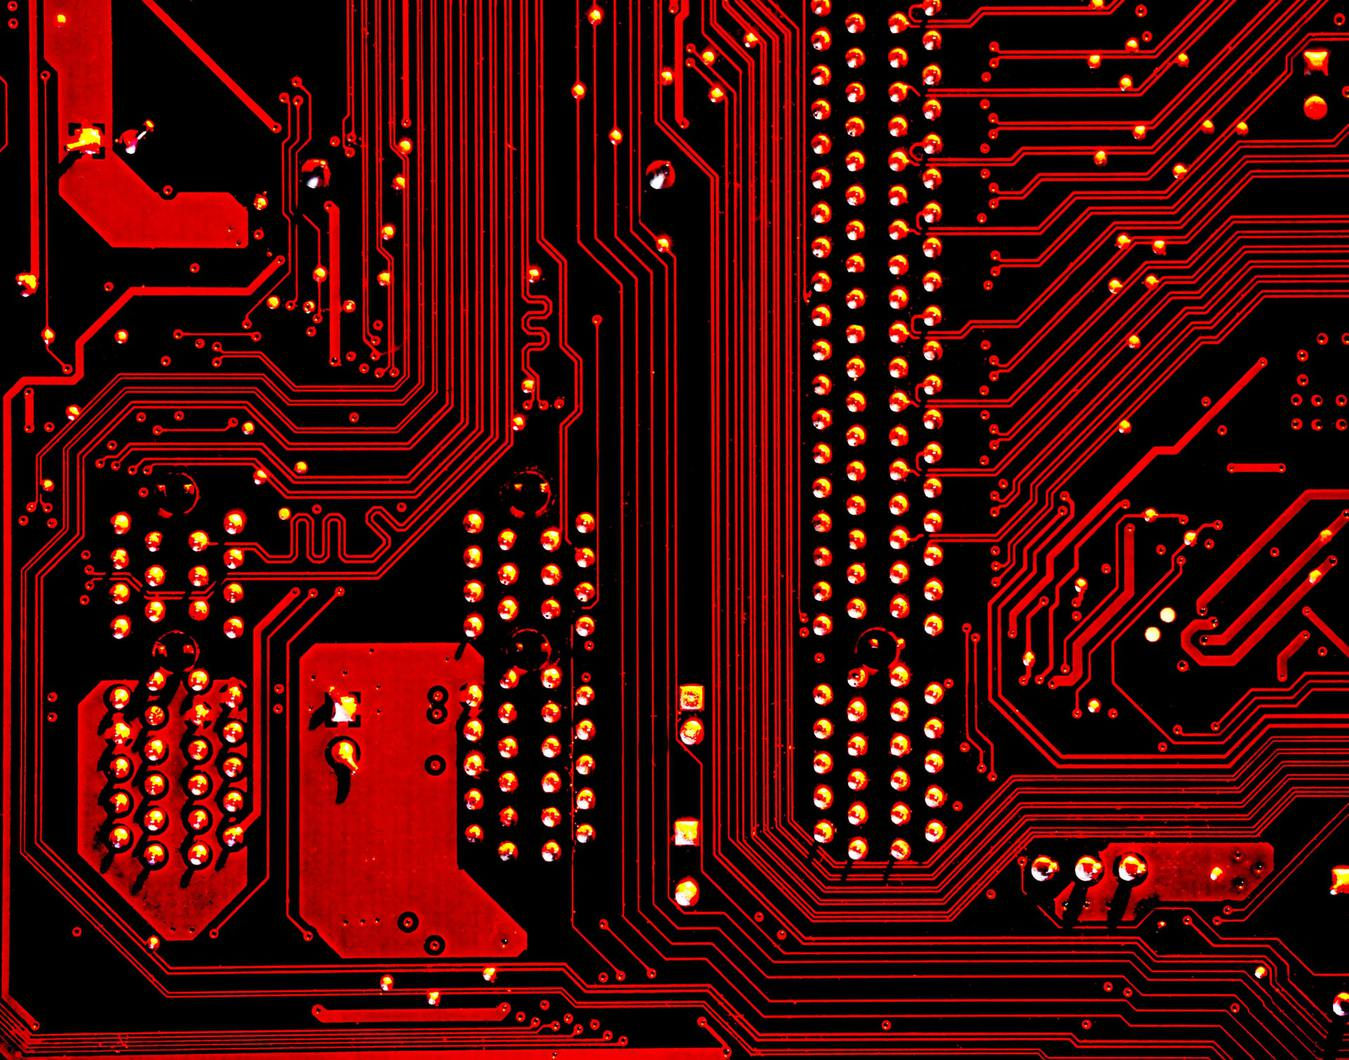 Detalhes de um chip de computador vermelho